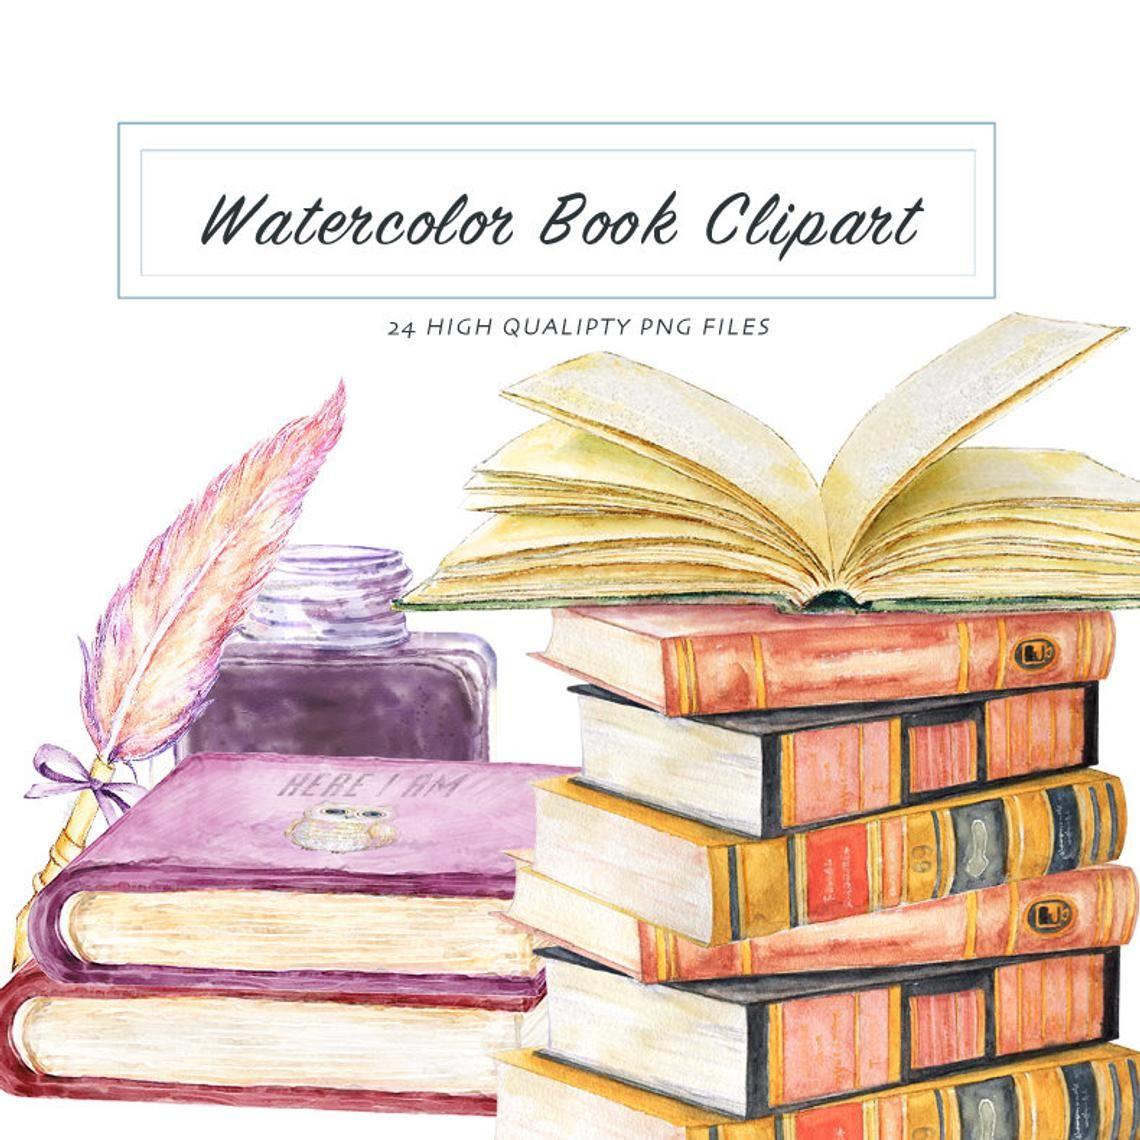 Watercolor Book Clipart Graduation Graphic Vintage   Etsy ... (1140 x 1140 Pixel)